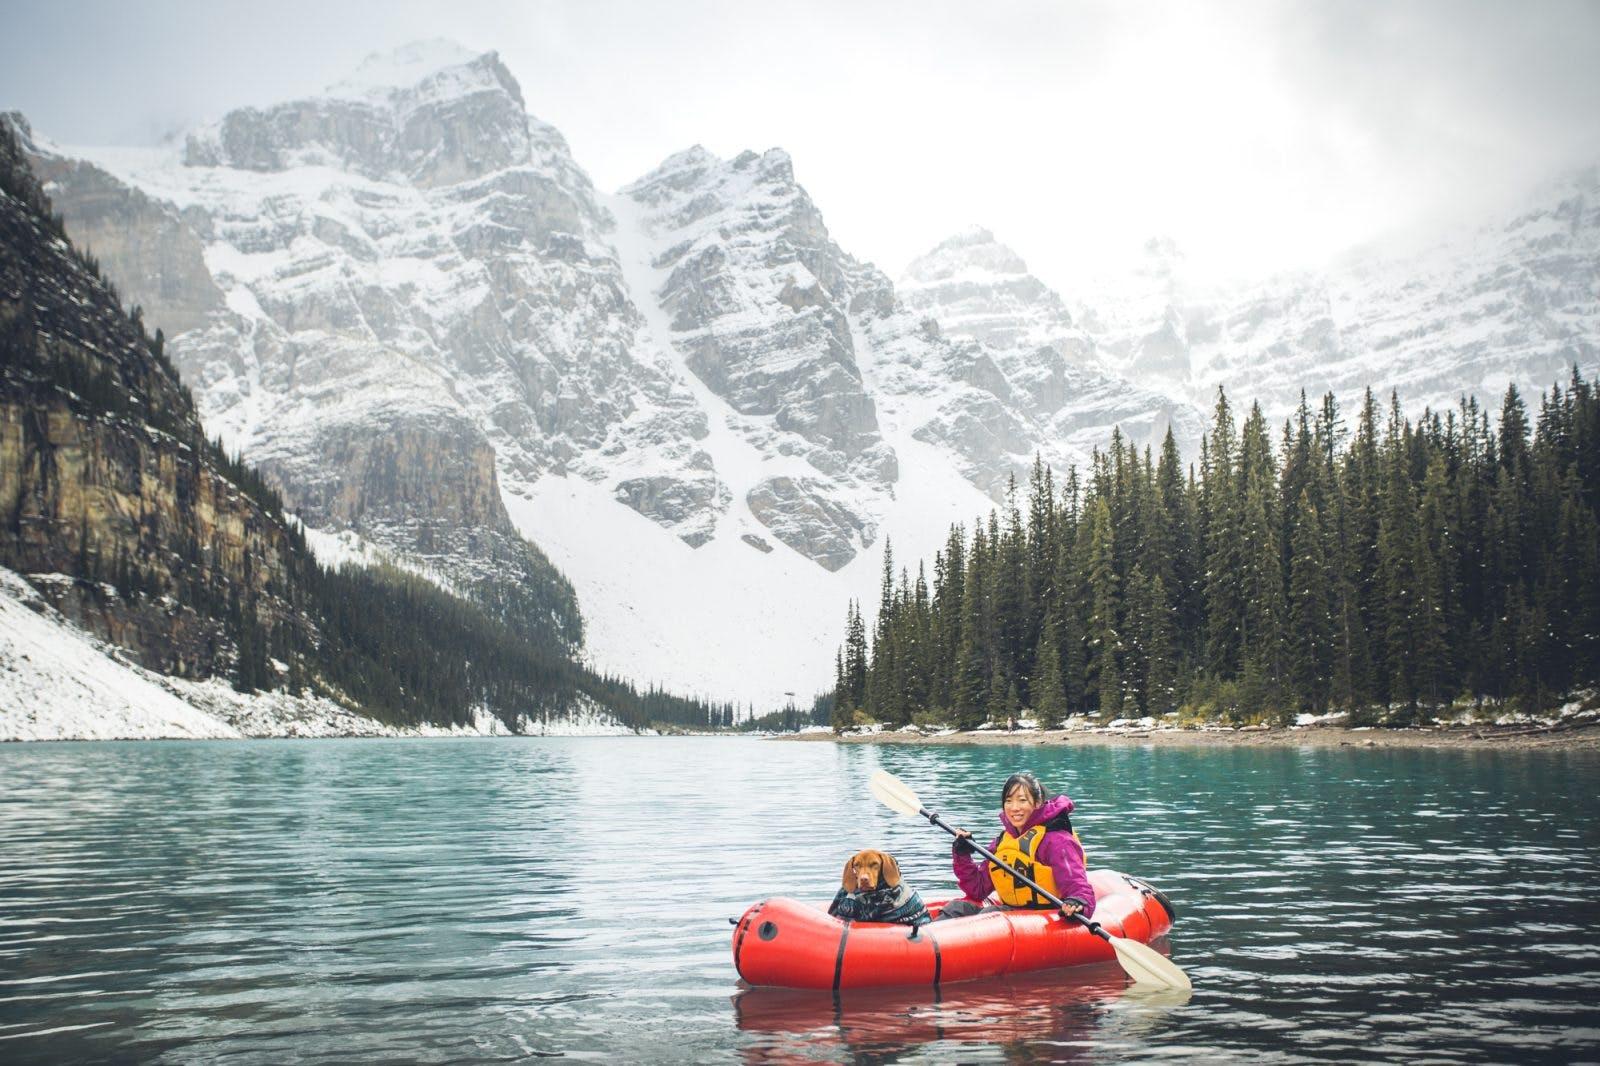 Lake Moraine, Banff National Park, Canada. Adele & Whiskey